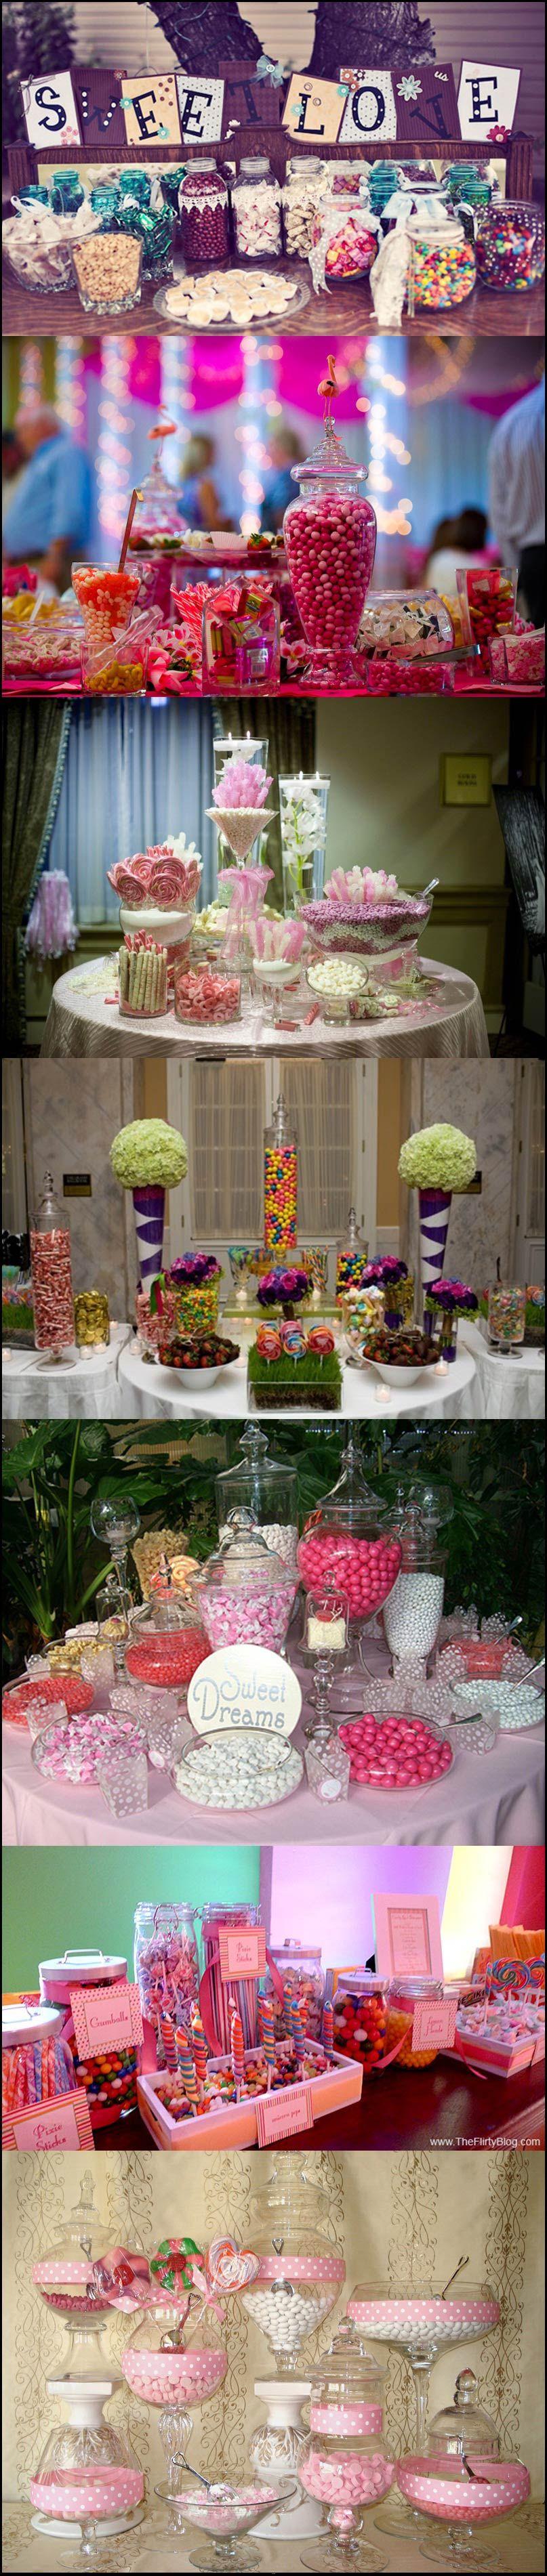 Ideas de popcorn bar y mesa de dulces nicas y originales - Mesas para buffet ...